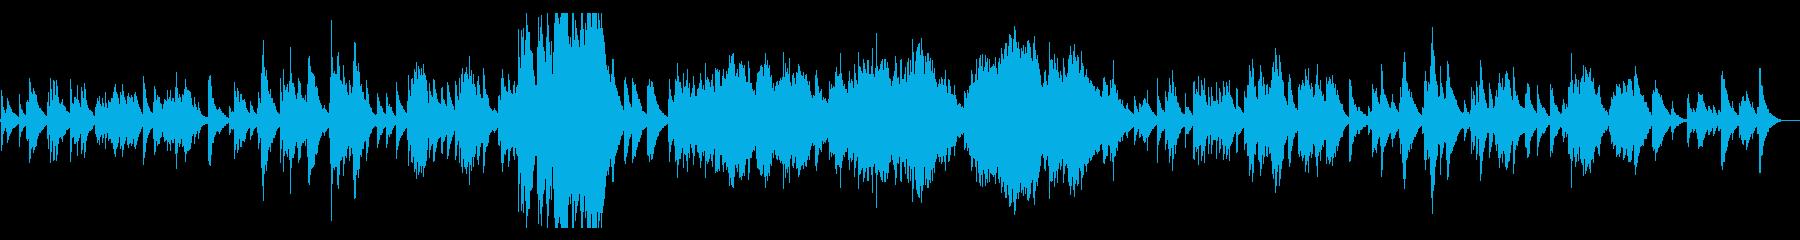 ドビュッシー 月の光 Debussyの再生済みの波形